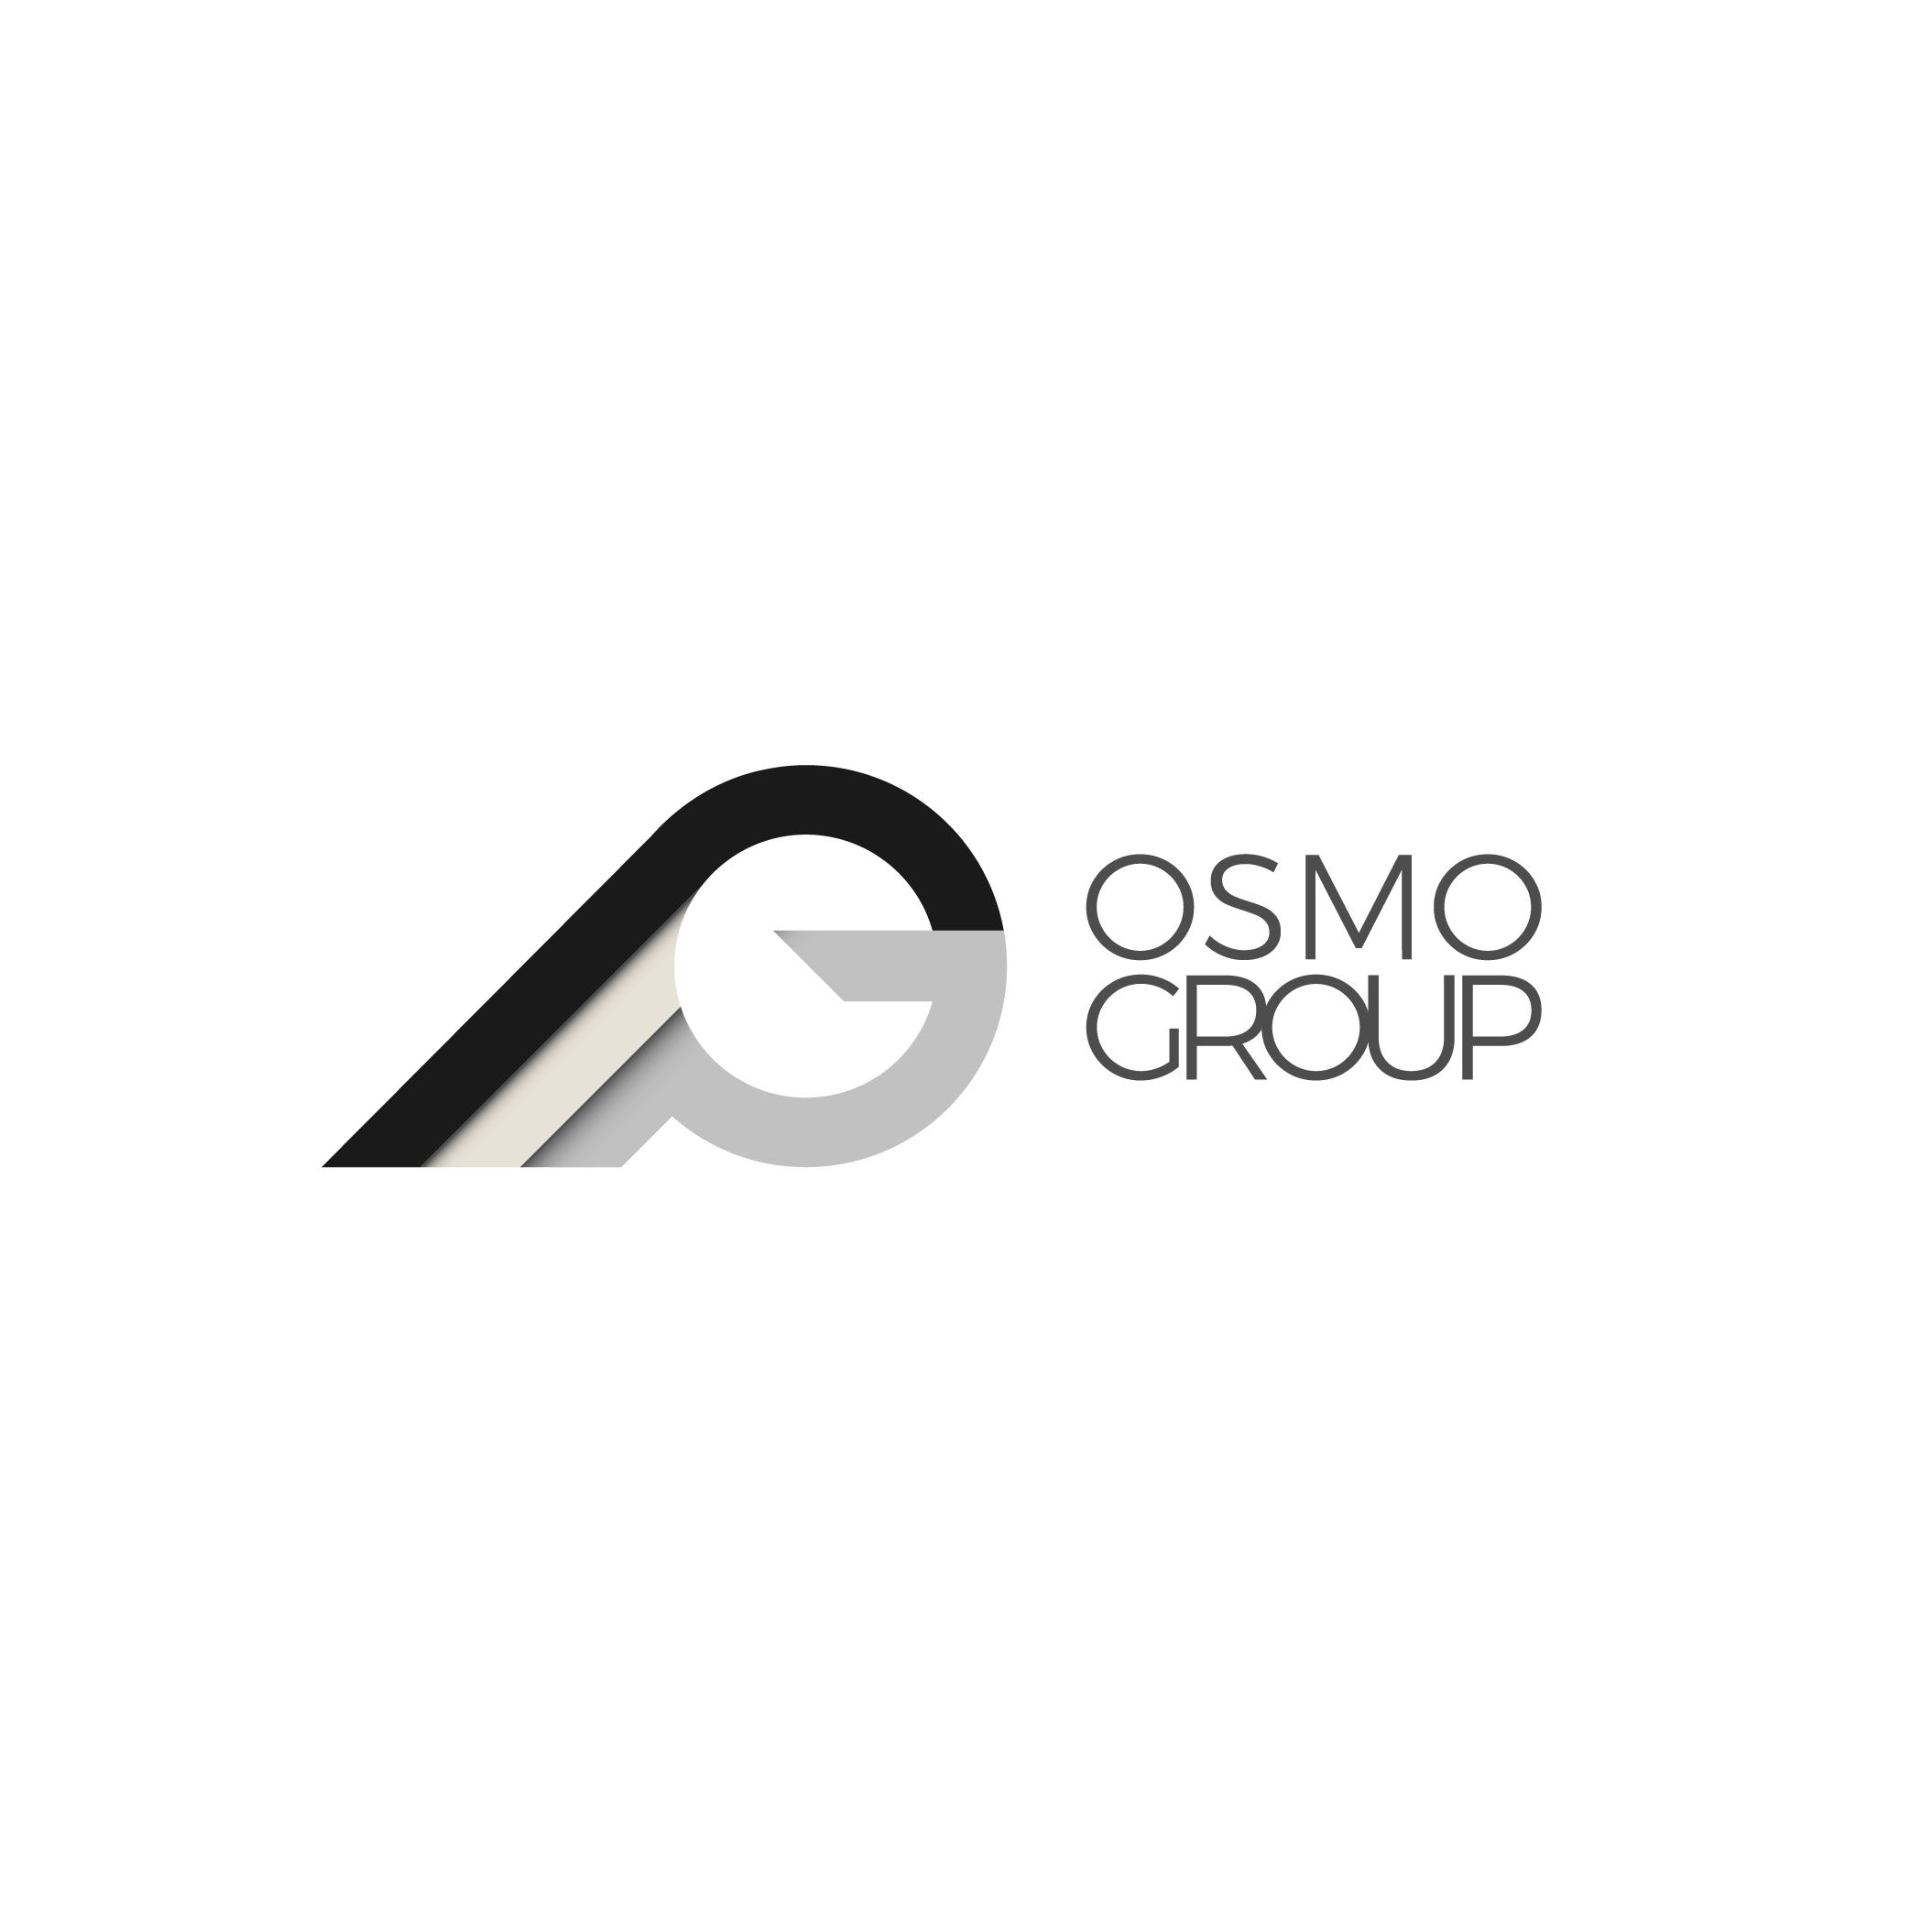 Создание логотипа для строительной компании OSMO group  фото f_33959b5a8b3999a3.jpg